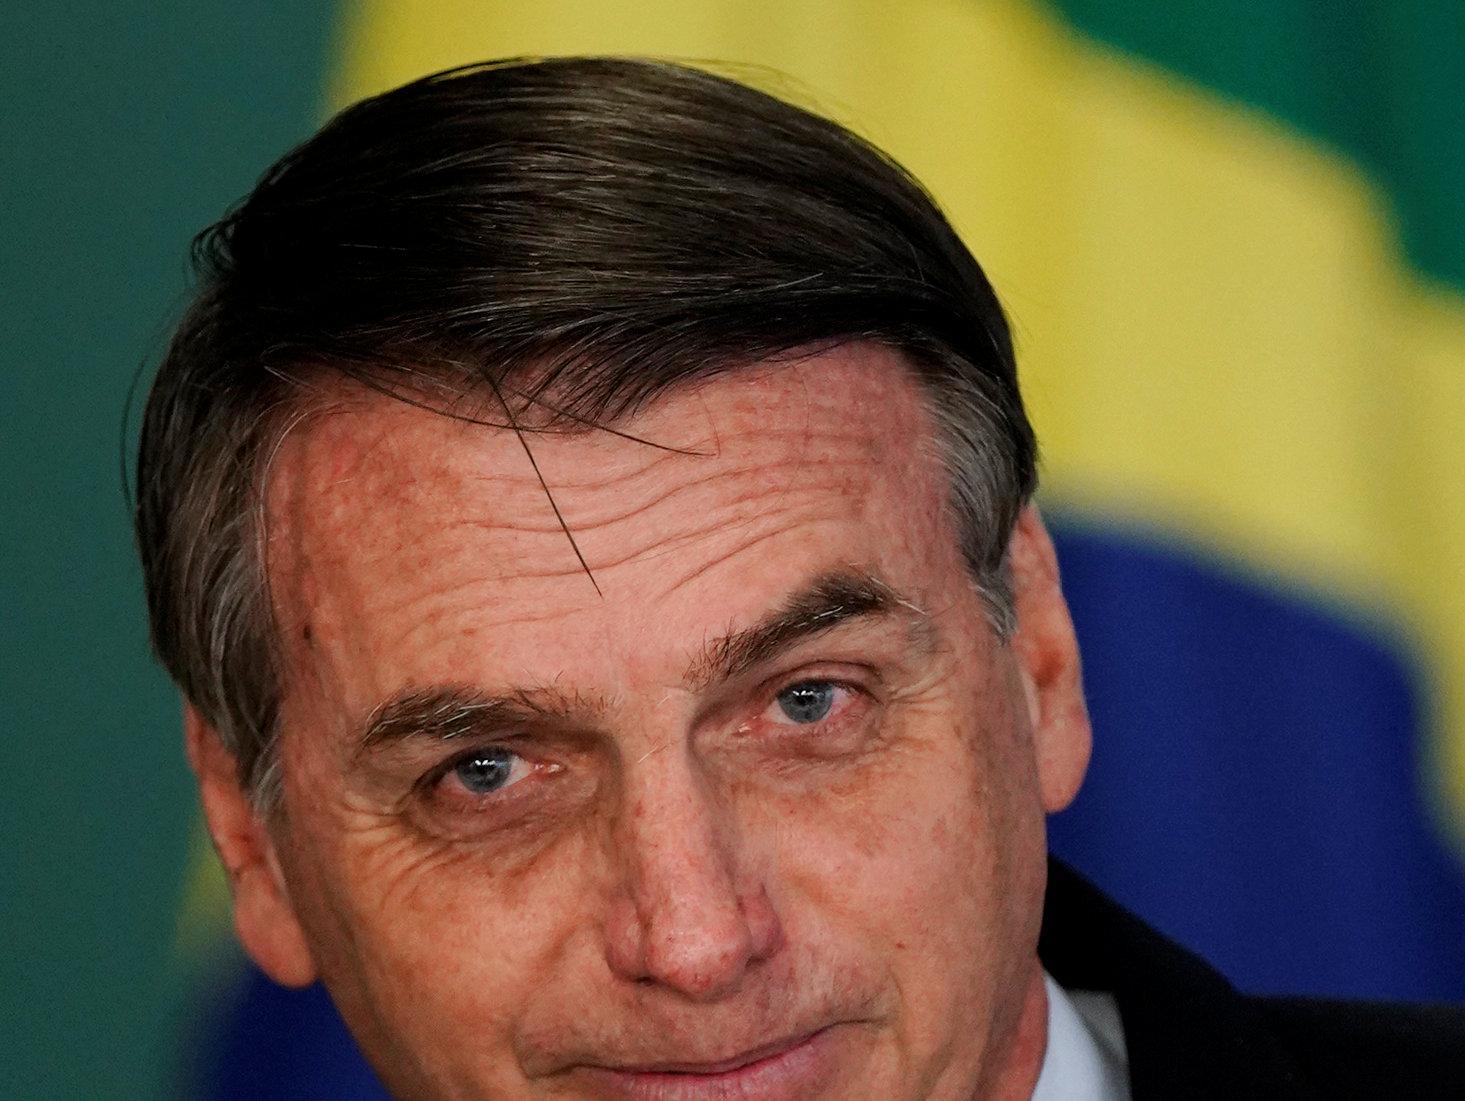 עוד נשק לרחובות: נשיא ברזיל חתם על צו המקל על רכישת כלי נשק